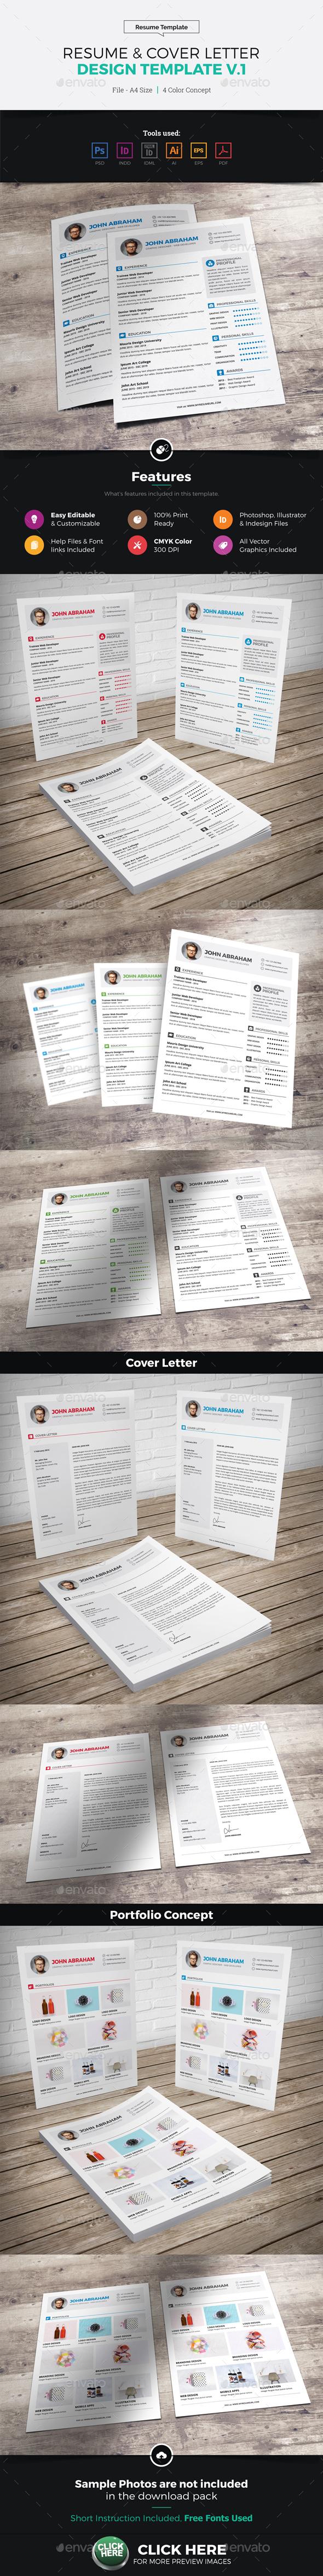 Resume & Cover Letter Design v1 - Resumes Stationery